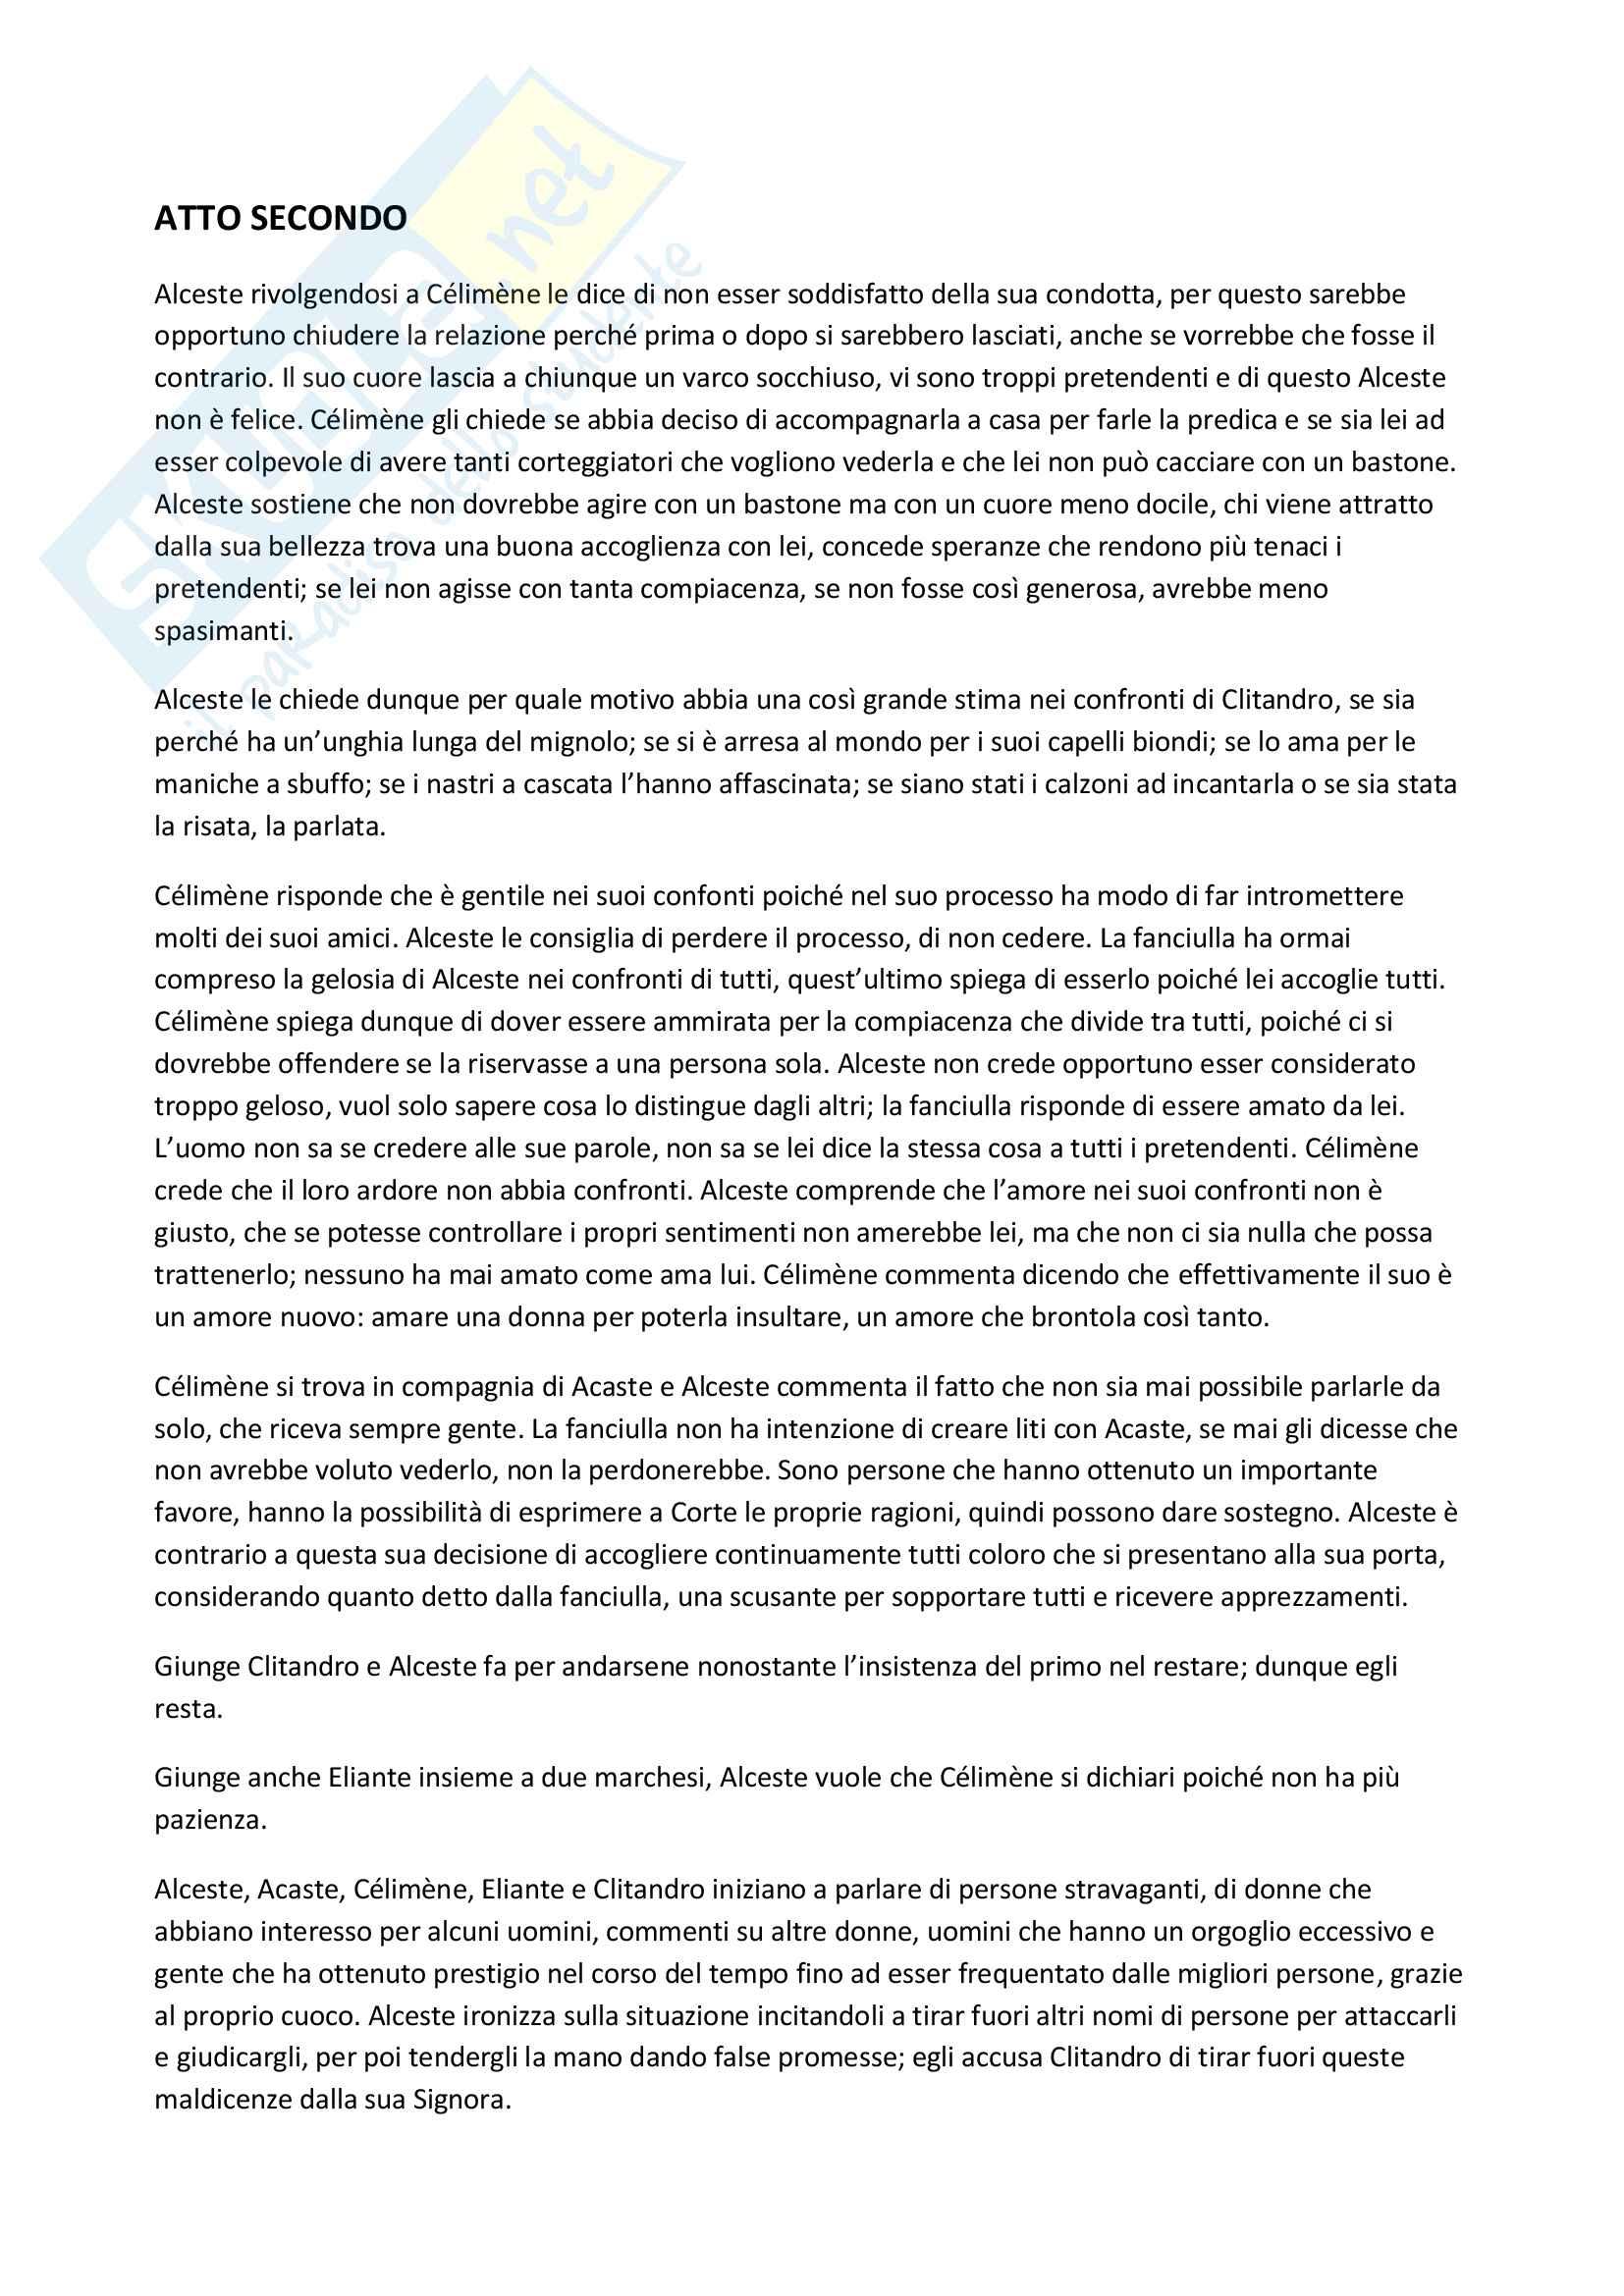 Riassunto - Le Misanthrope, Molière Pag. 6